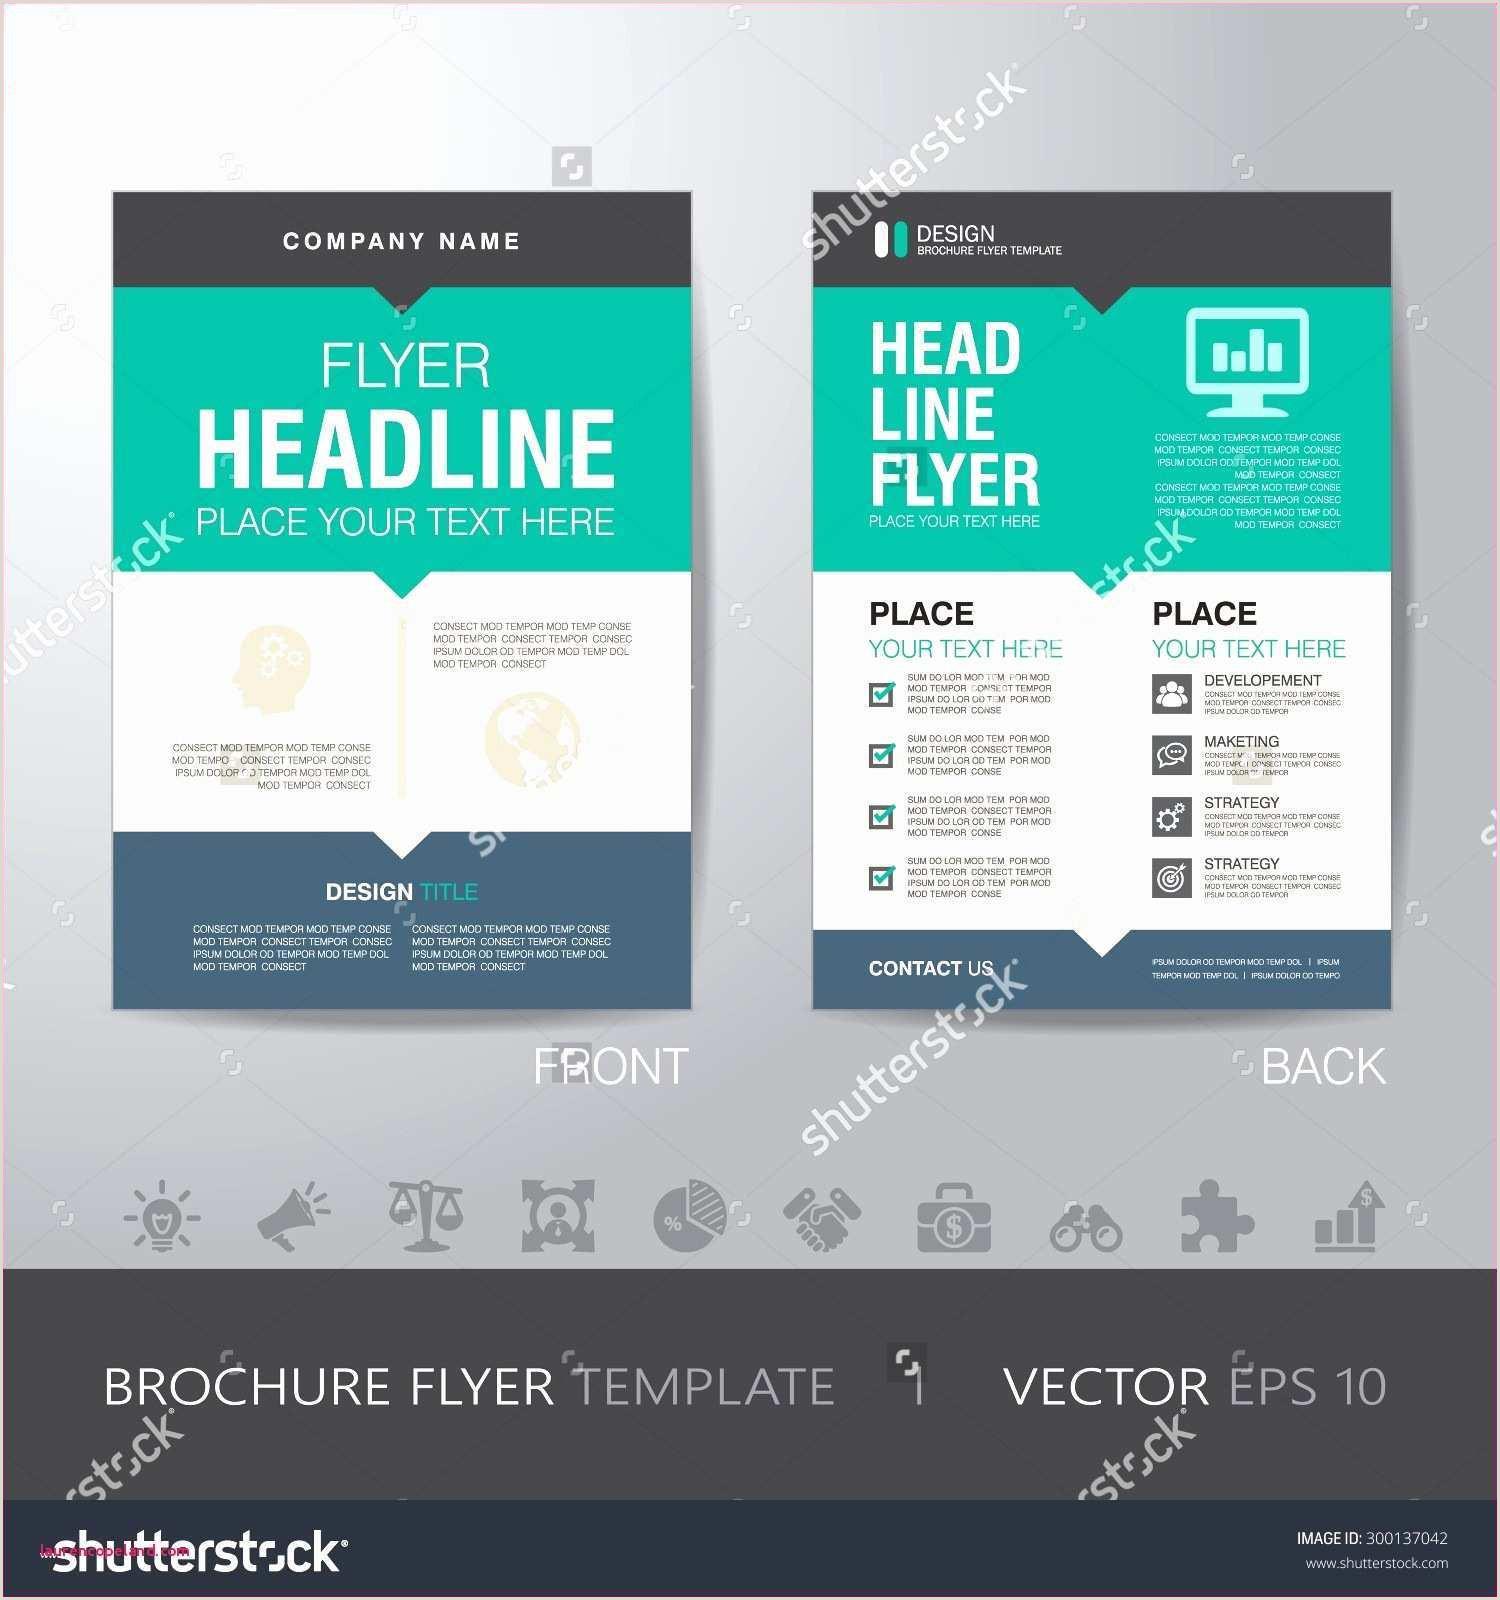 Lebenslauf Muster Bürokauffrau Ausgezeichnet Lebenslauf Vorlage Word Design